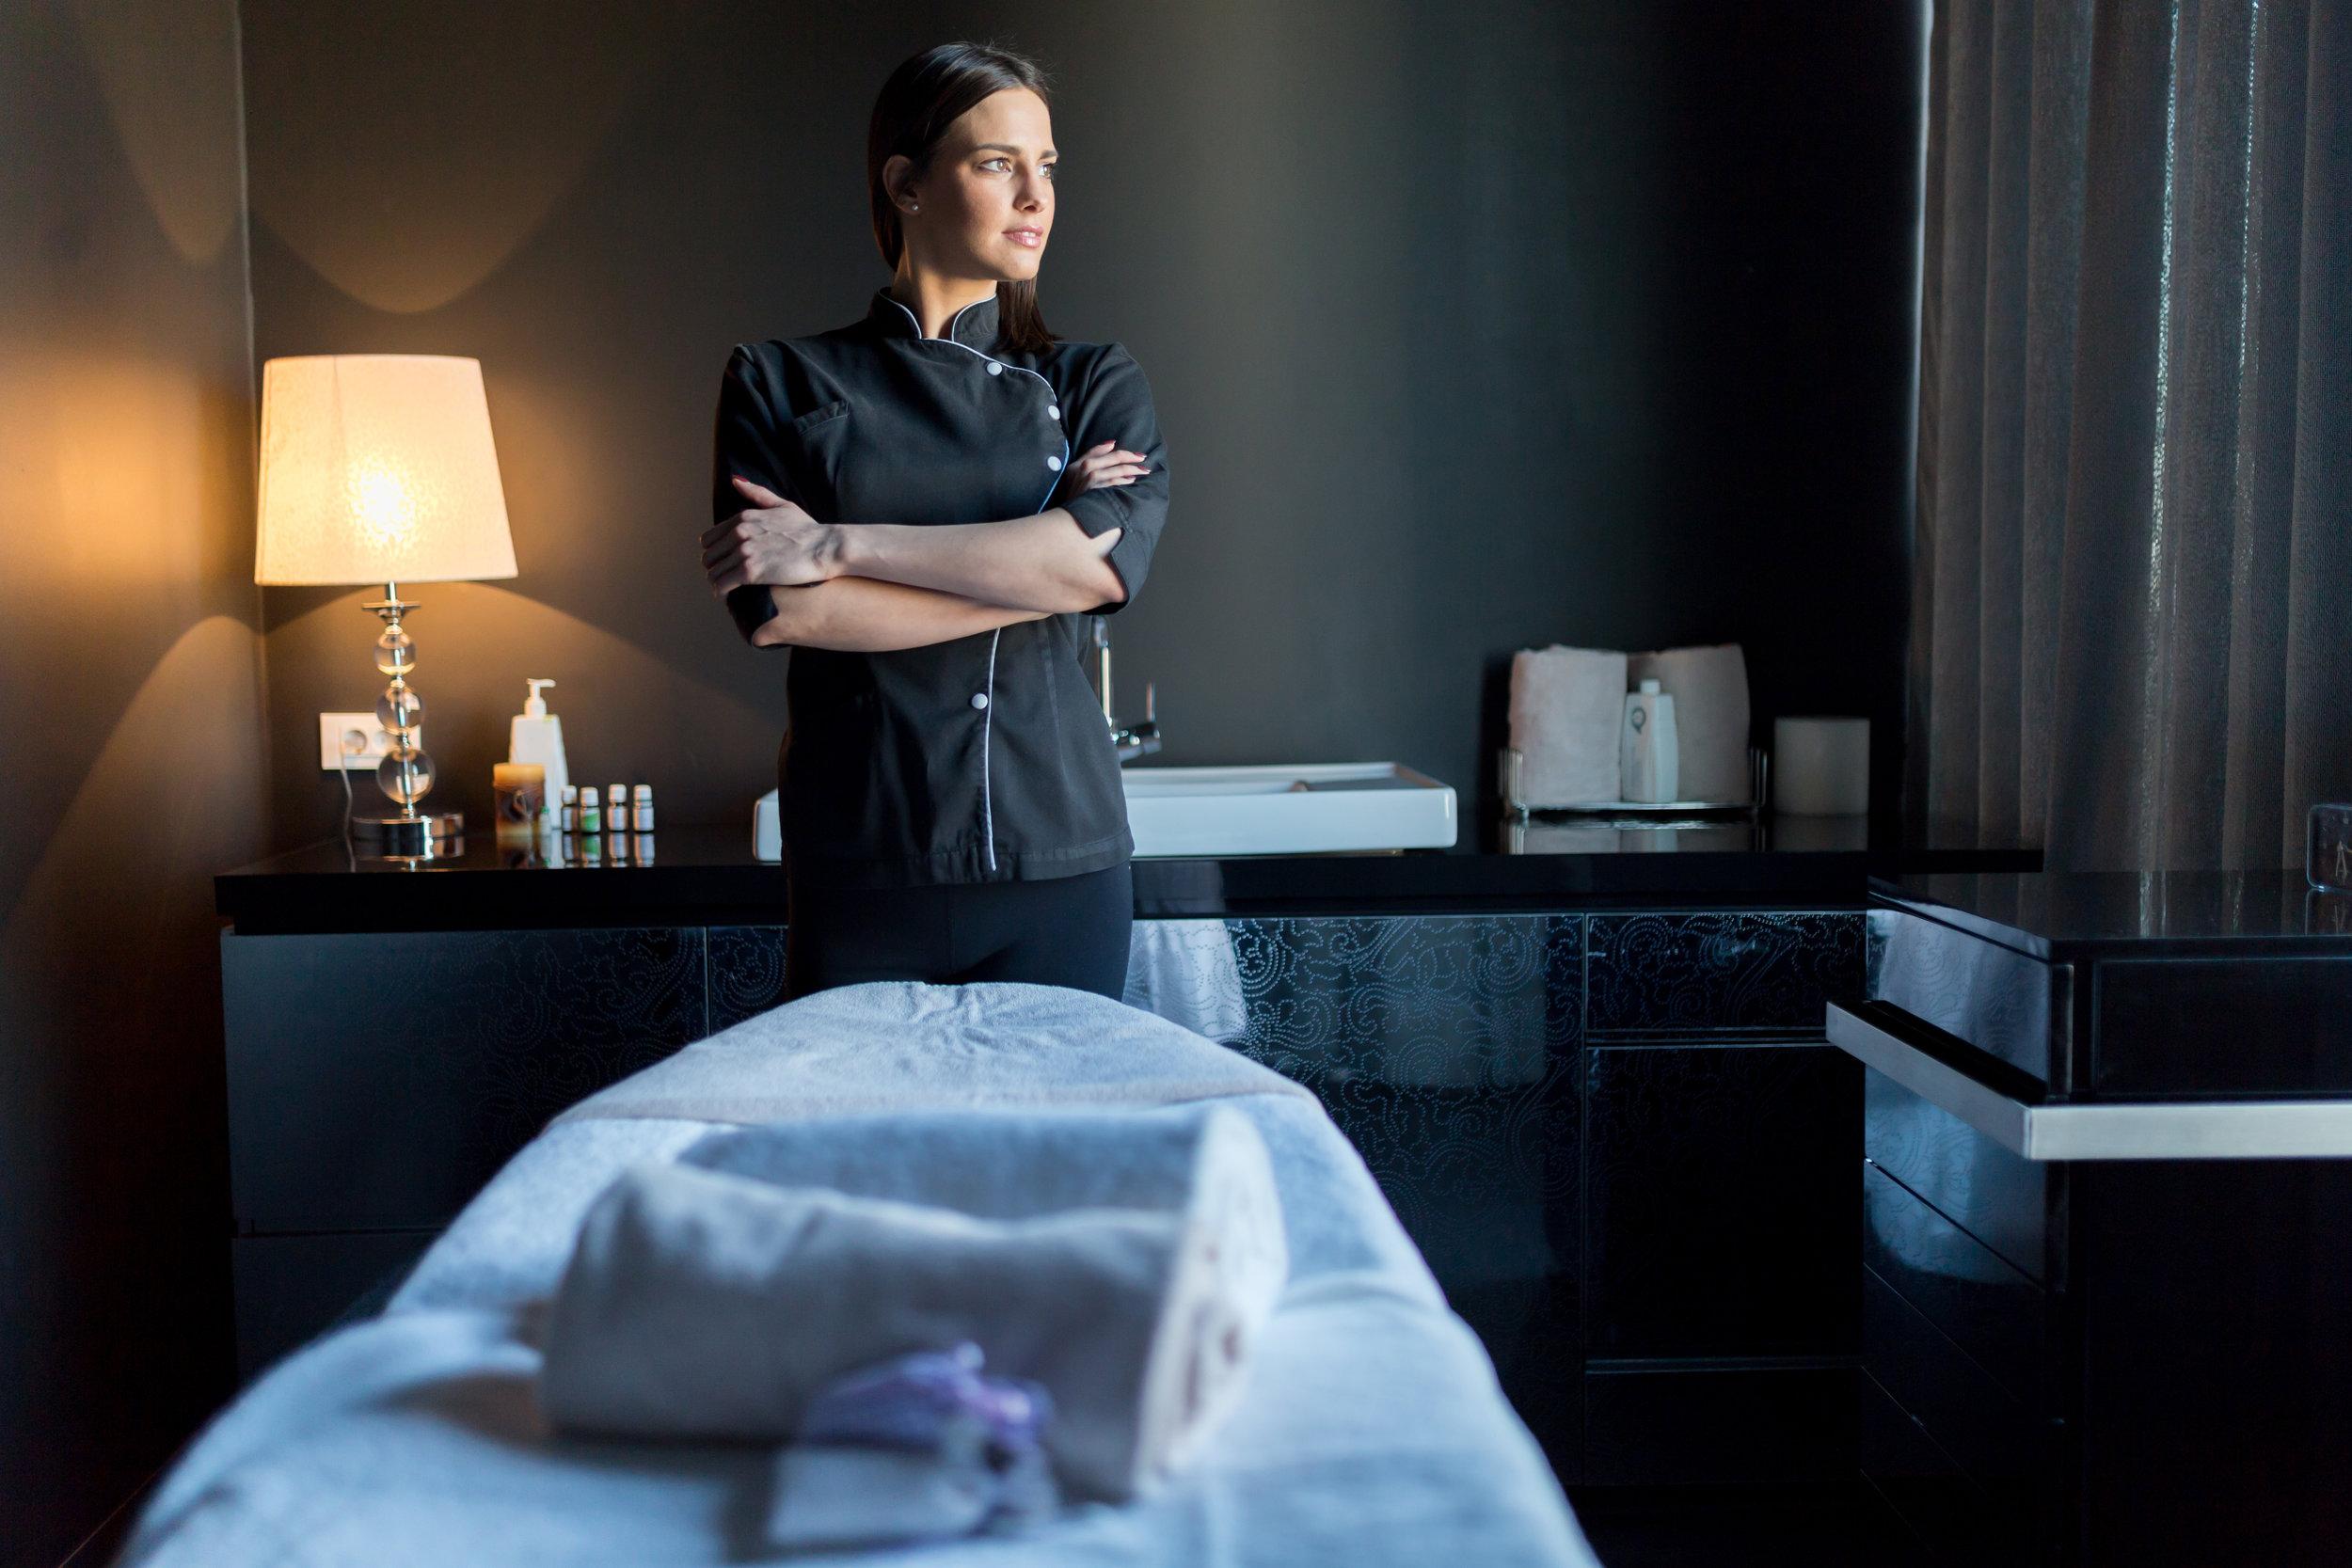 licensed-massage-therapist-treatment-room.jpeg